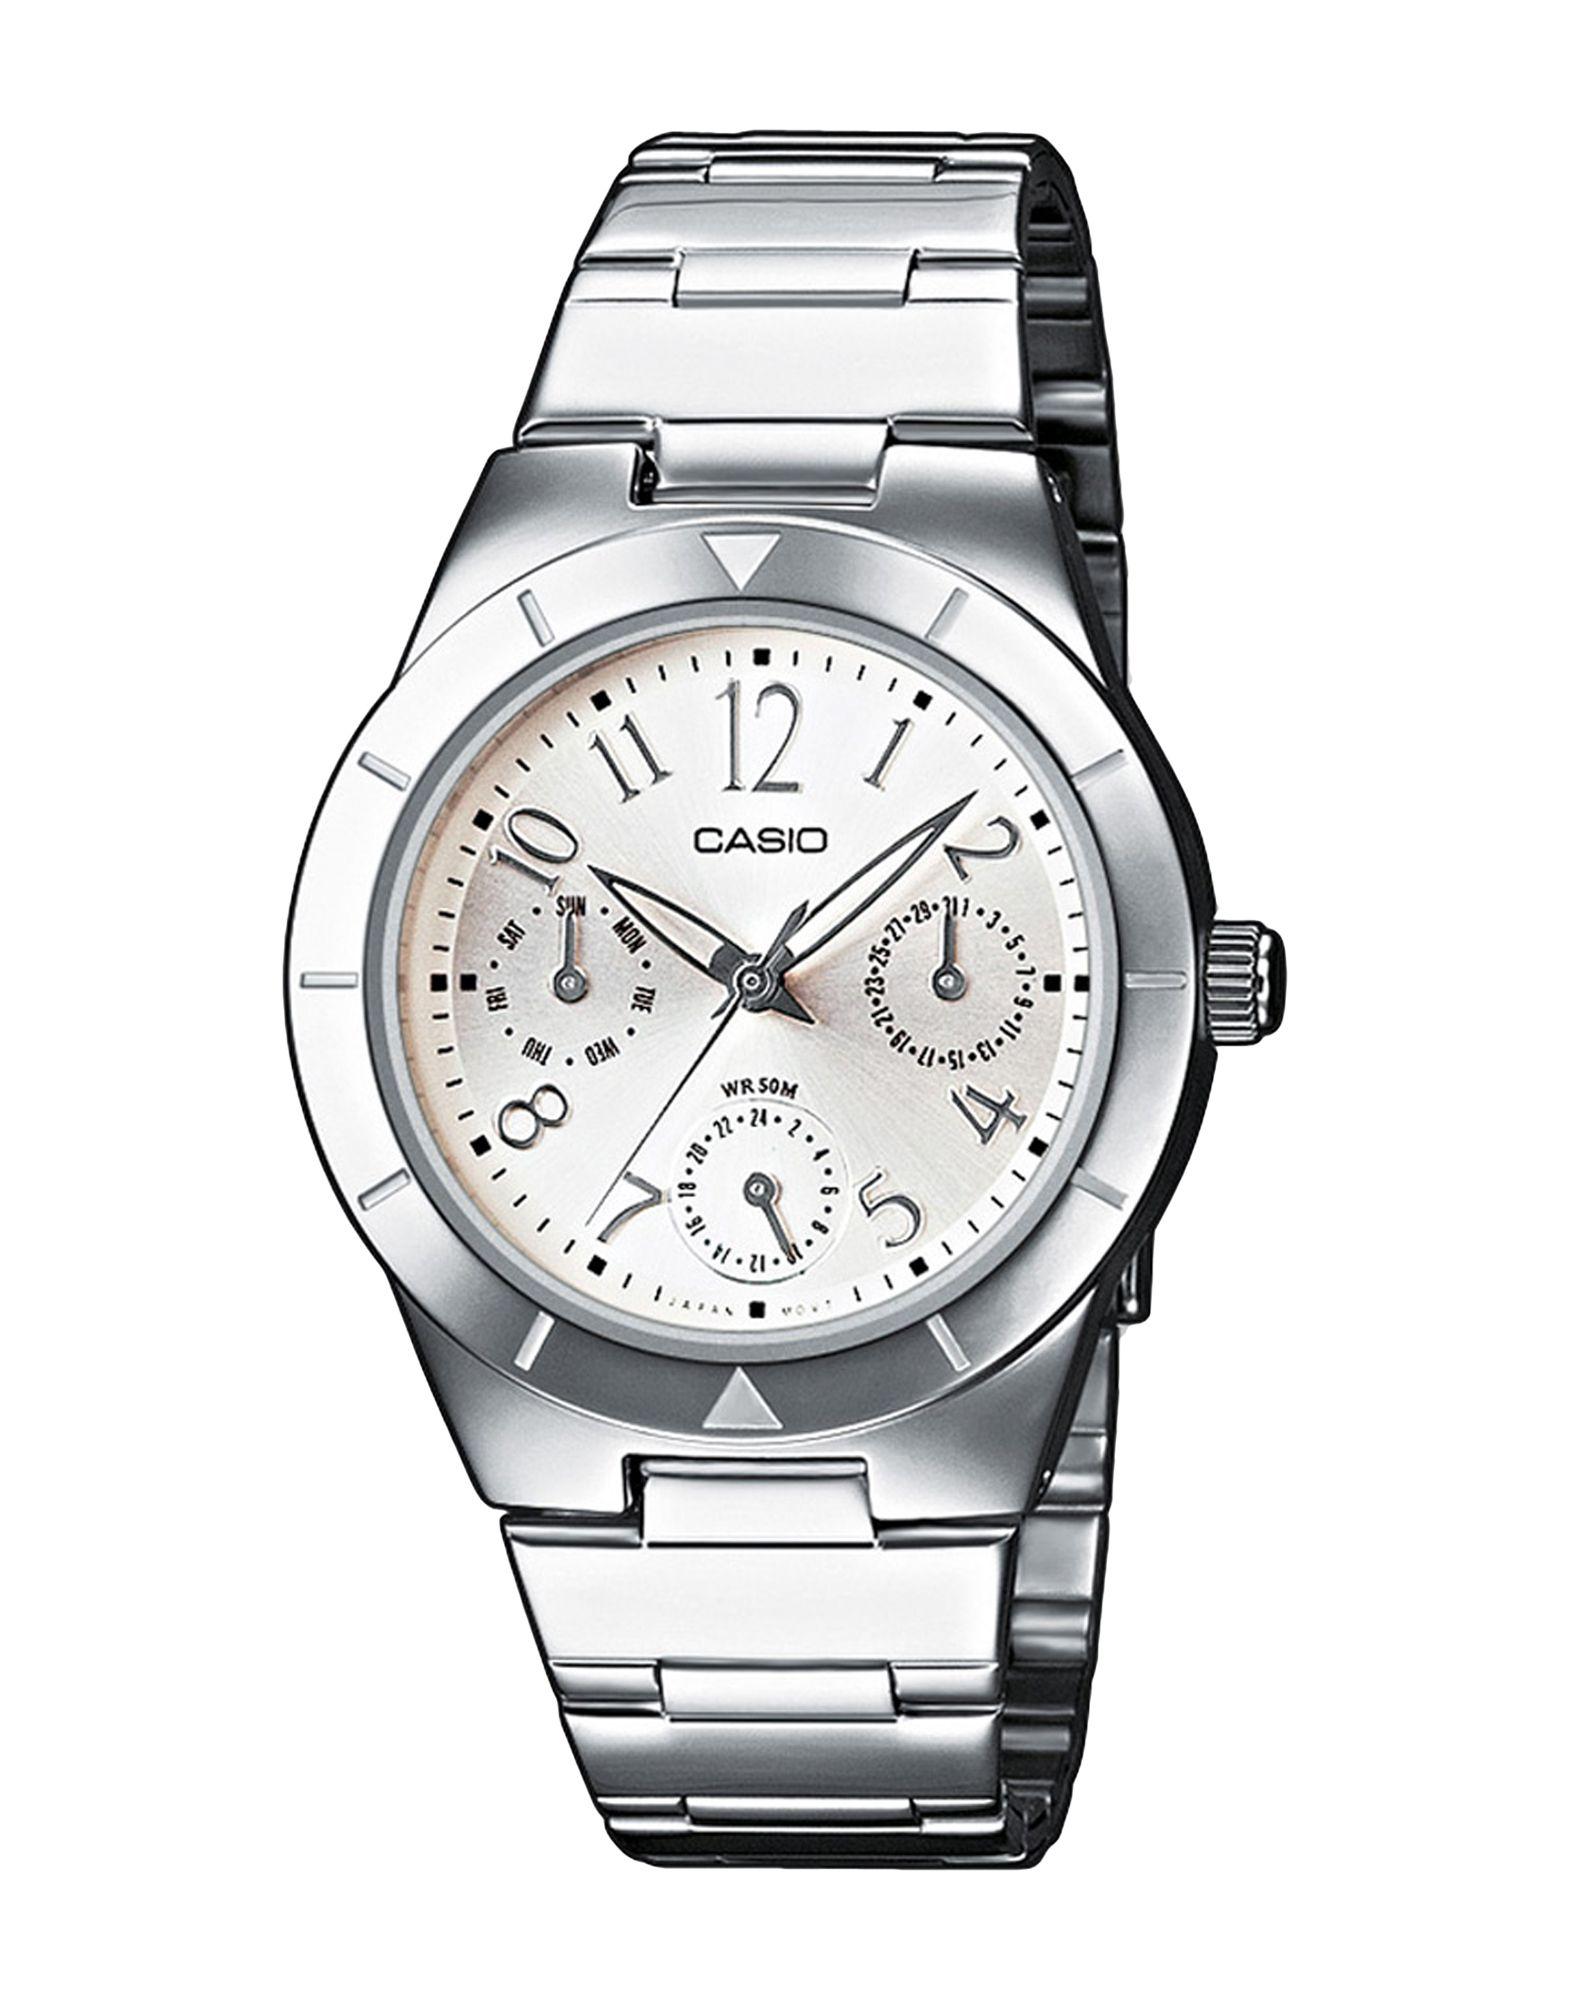 CASIO Наручные часы часы женщины роскошные часы золото стальные женские платья наручные часы relogio feminino